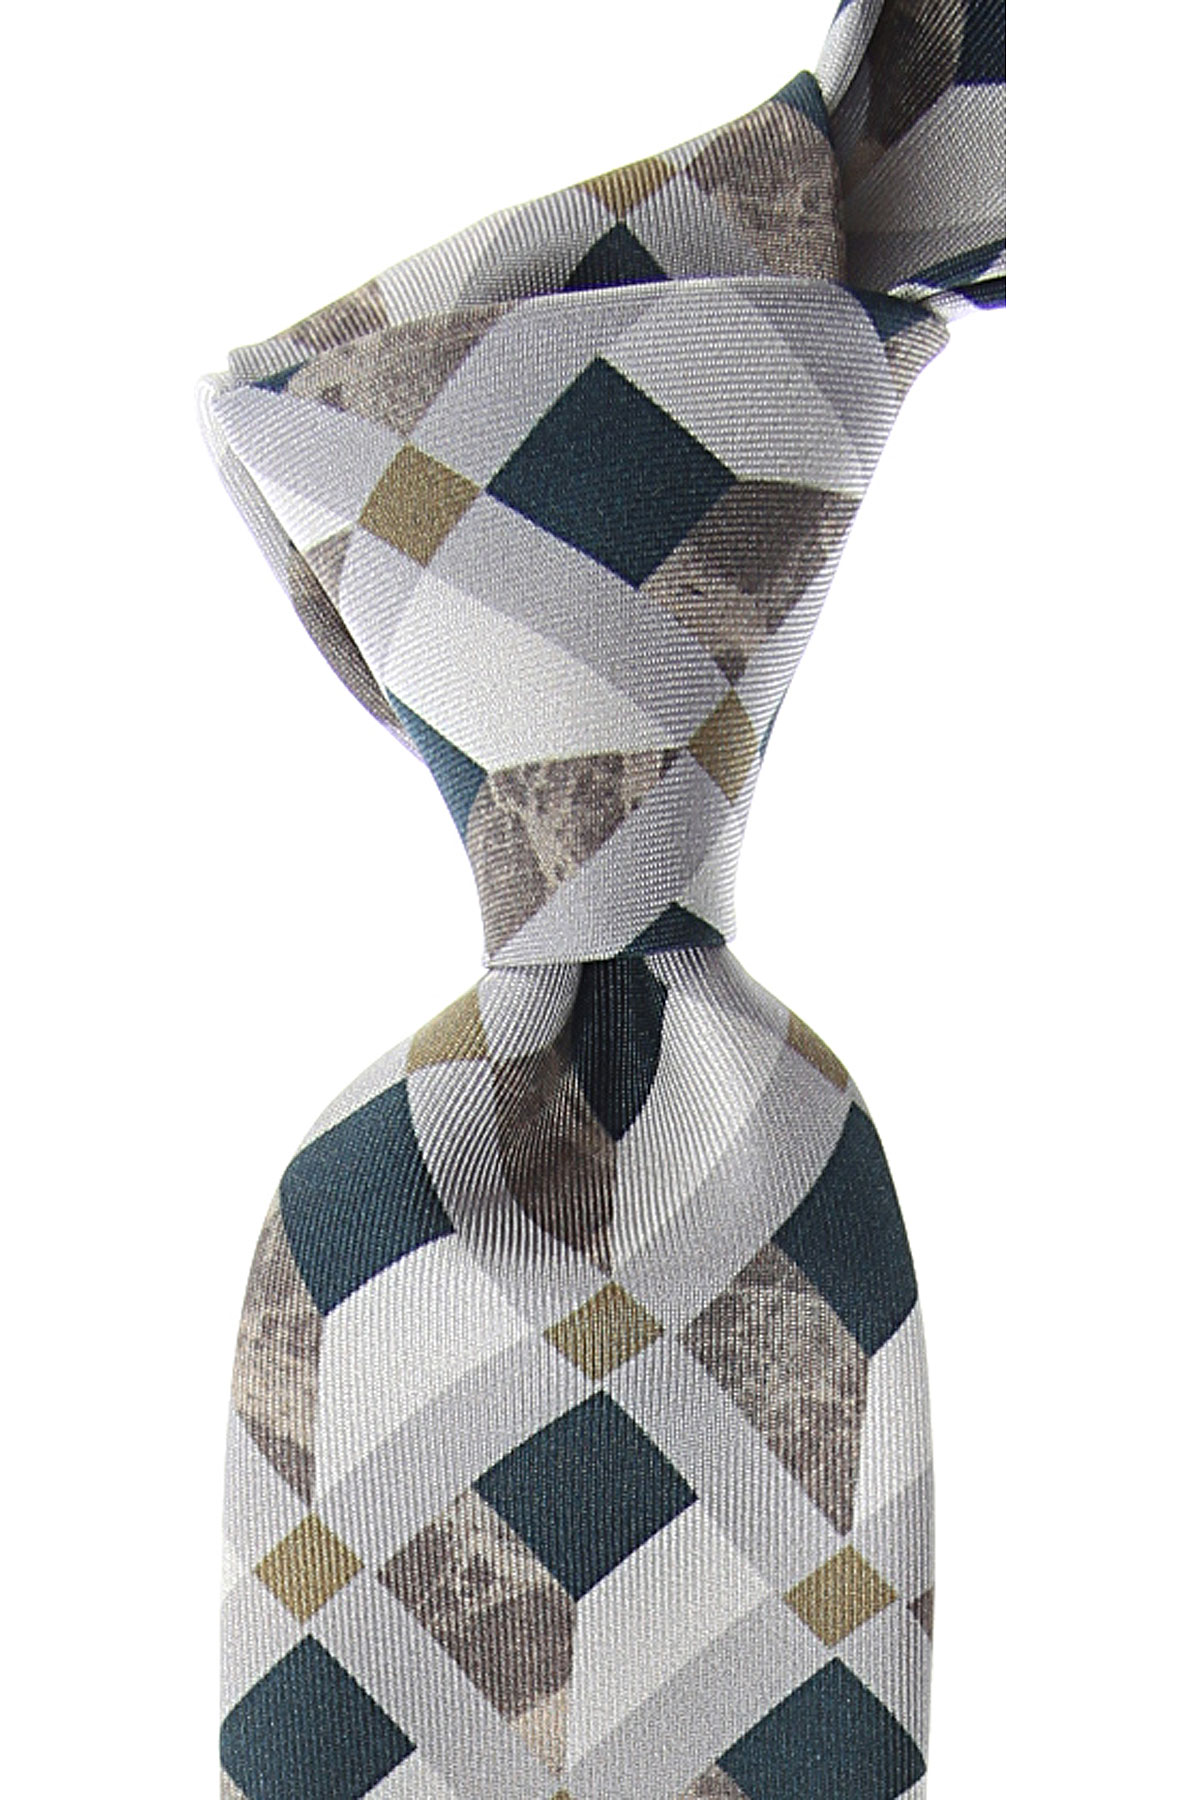 Kenzo Cravates Pas cher en Soldes, Blanc, Soie, 2019